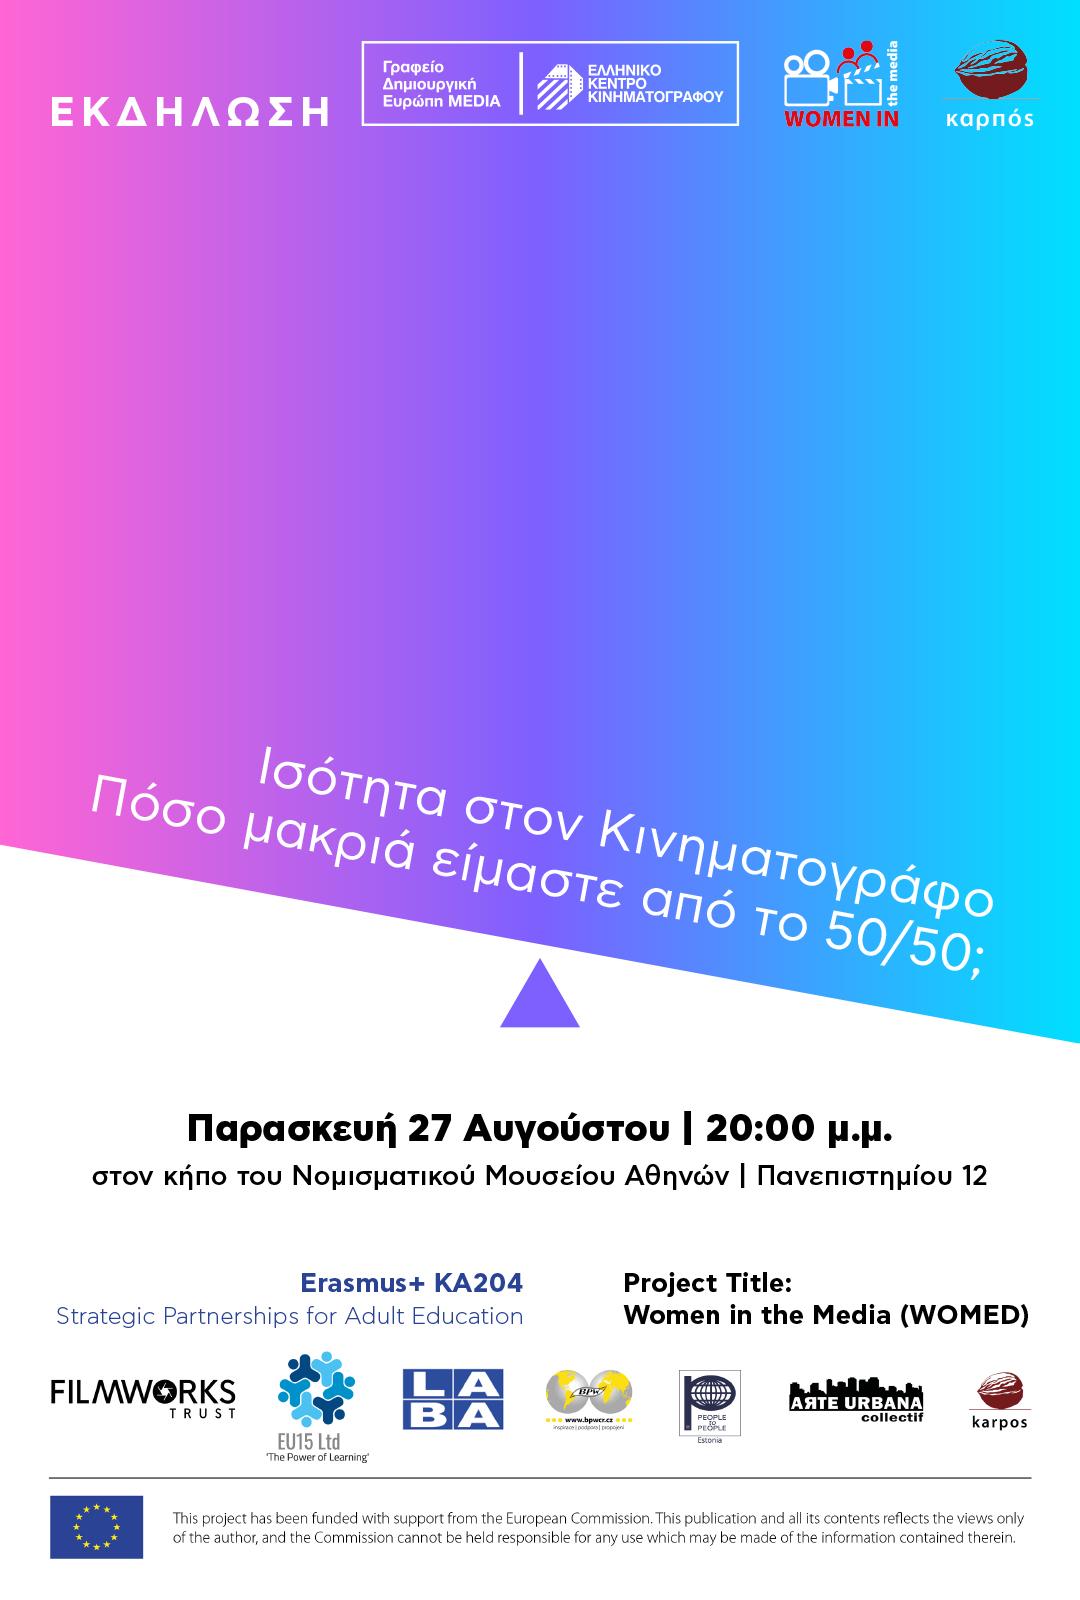 Isotita_ton_gynaikon_ston_kinimatografo